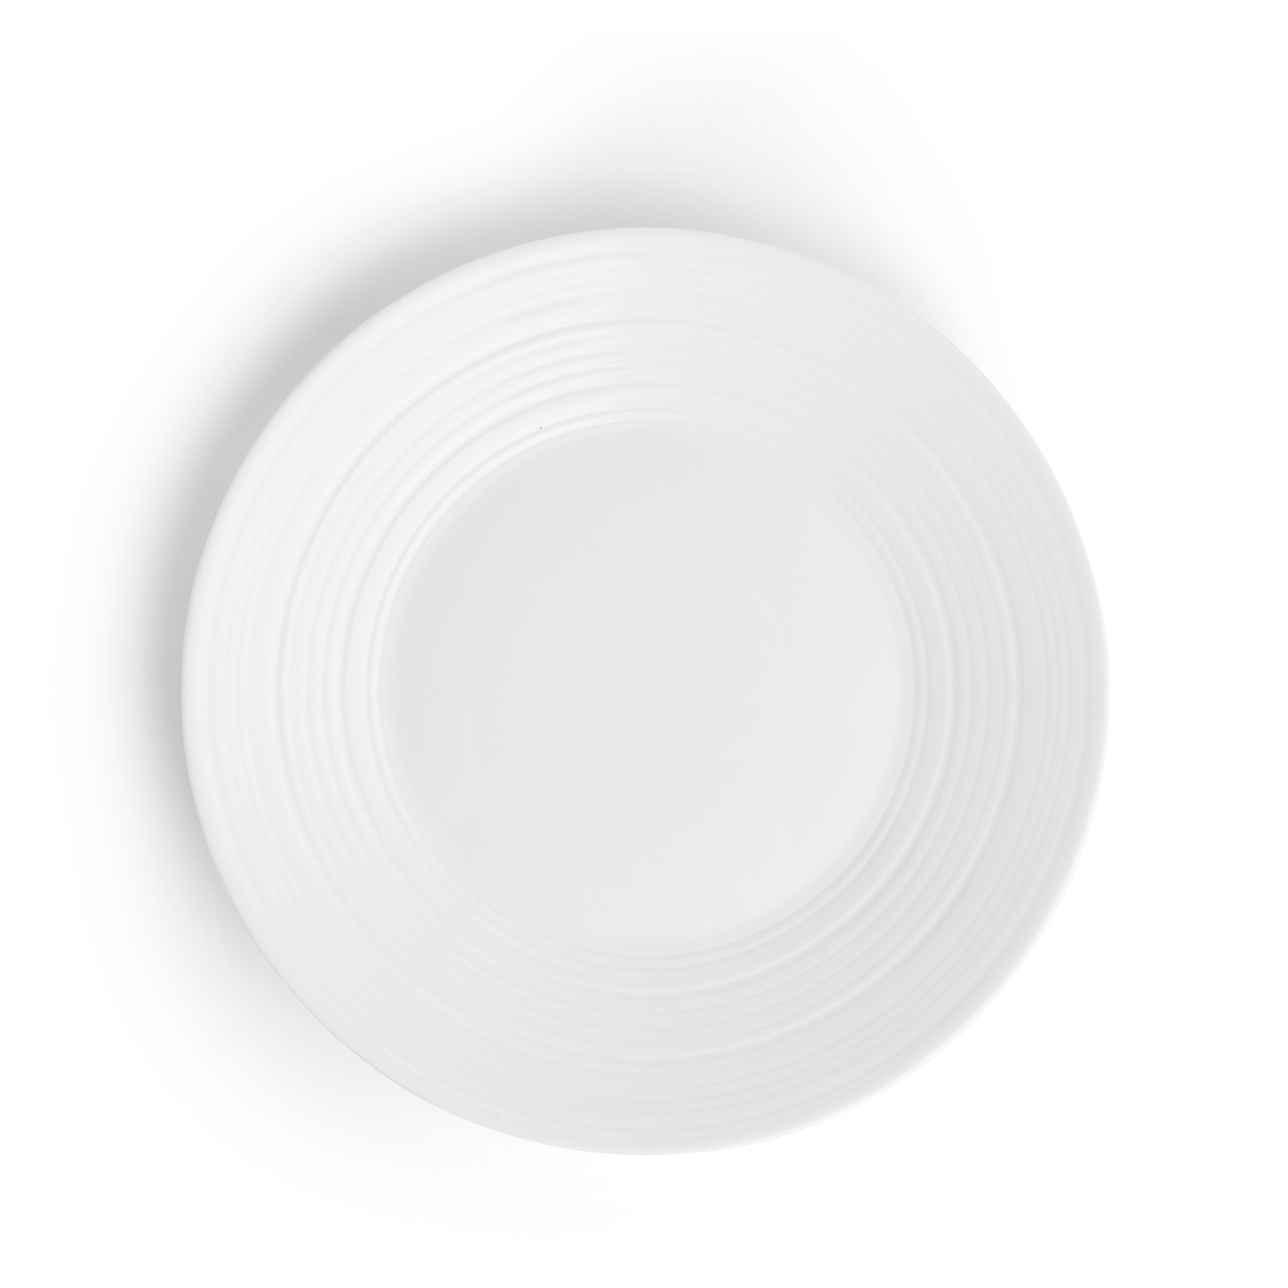 Jasper Conran Strata Side Plate 23cm